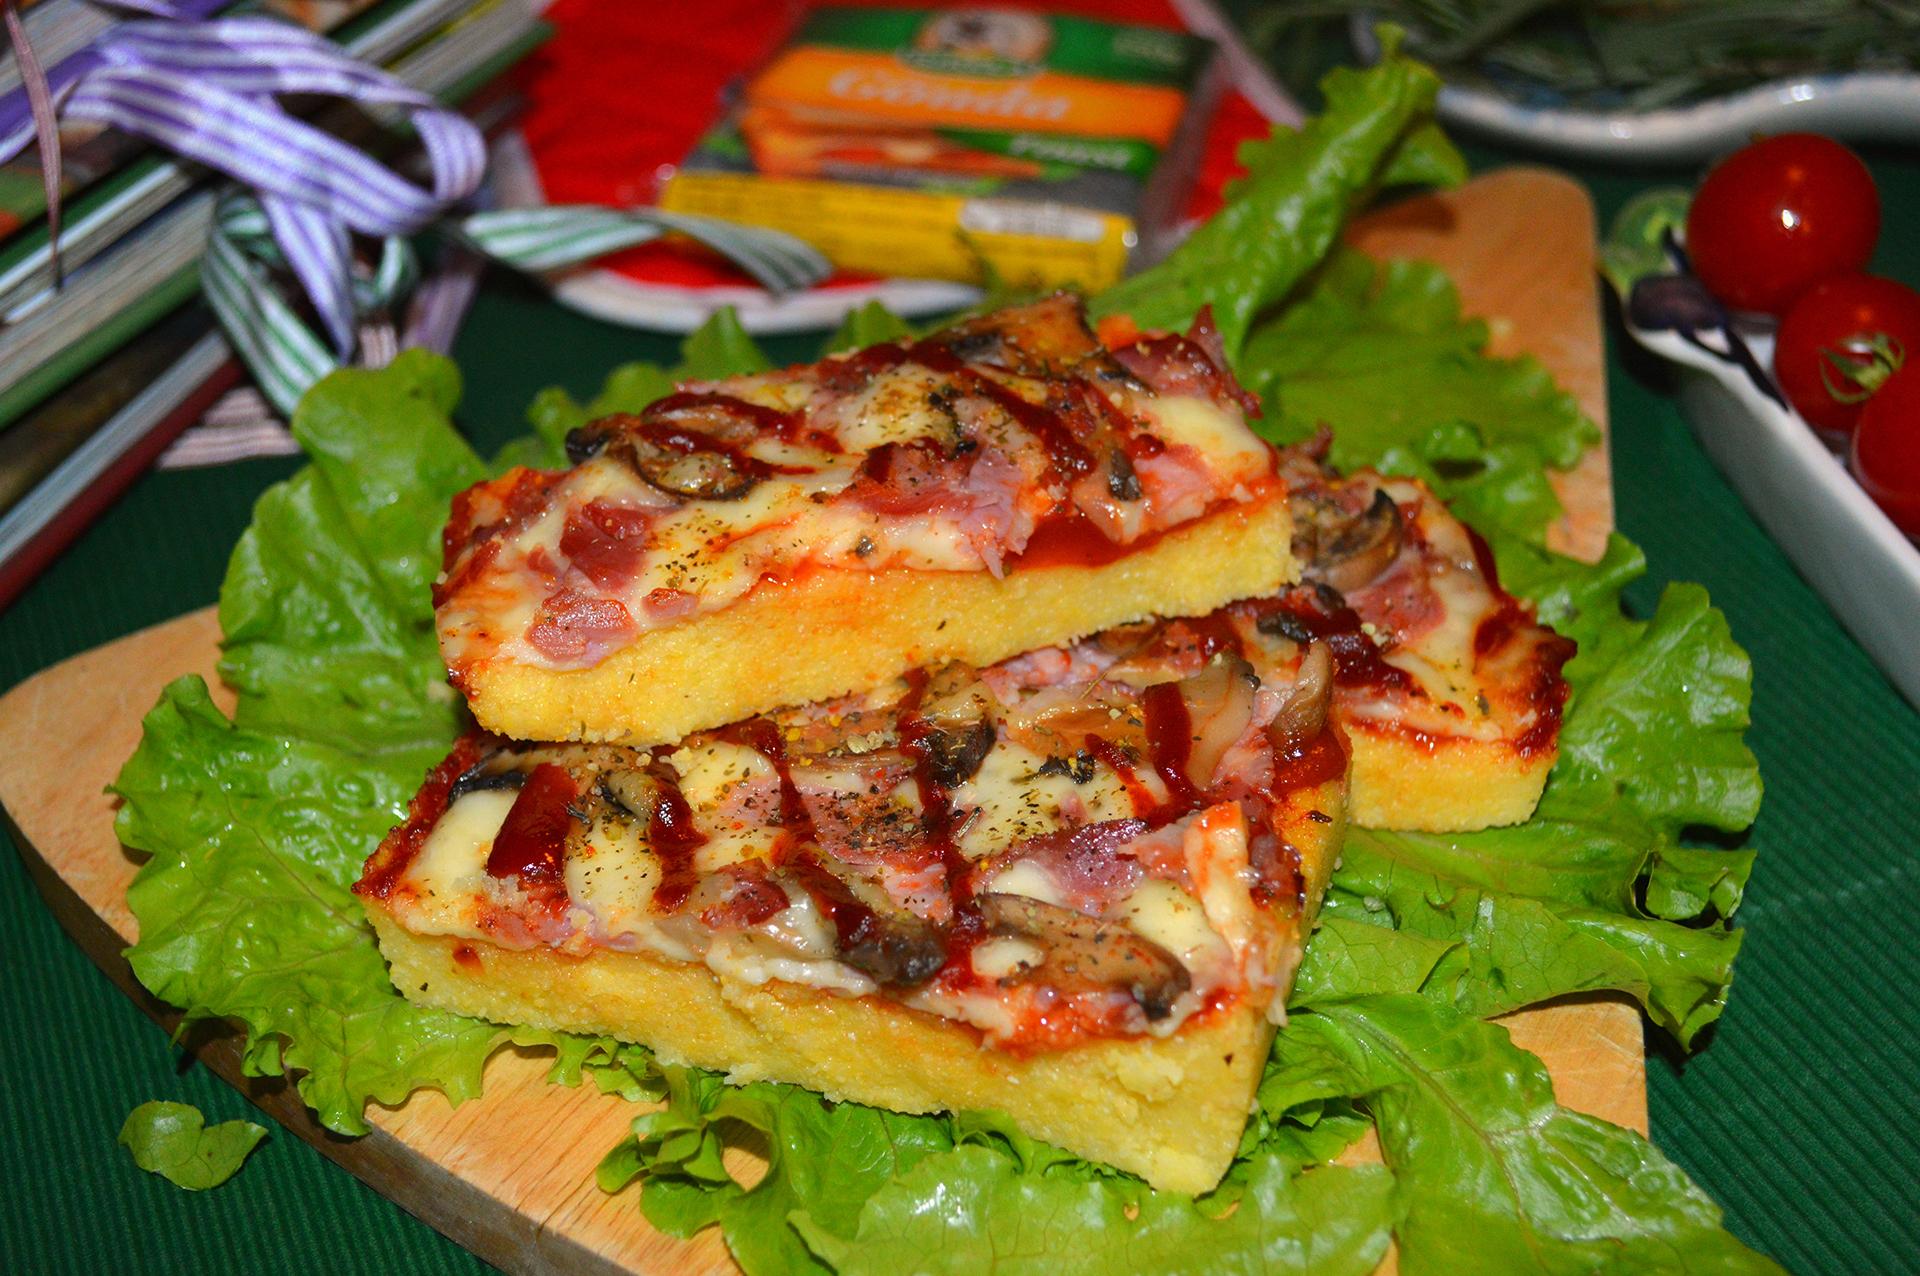 Studentski recepti: Hercegovačka pizza